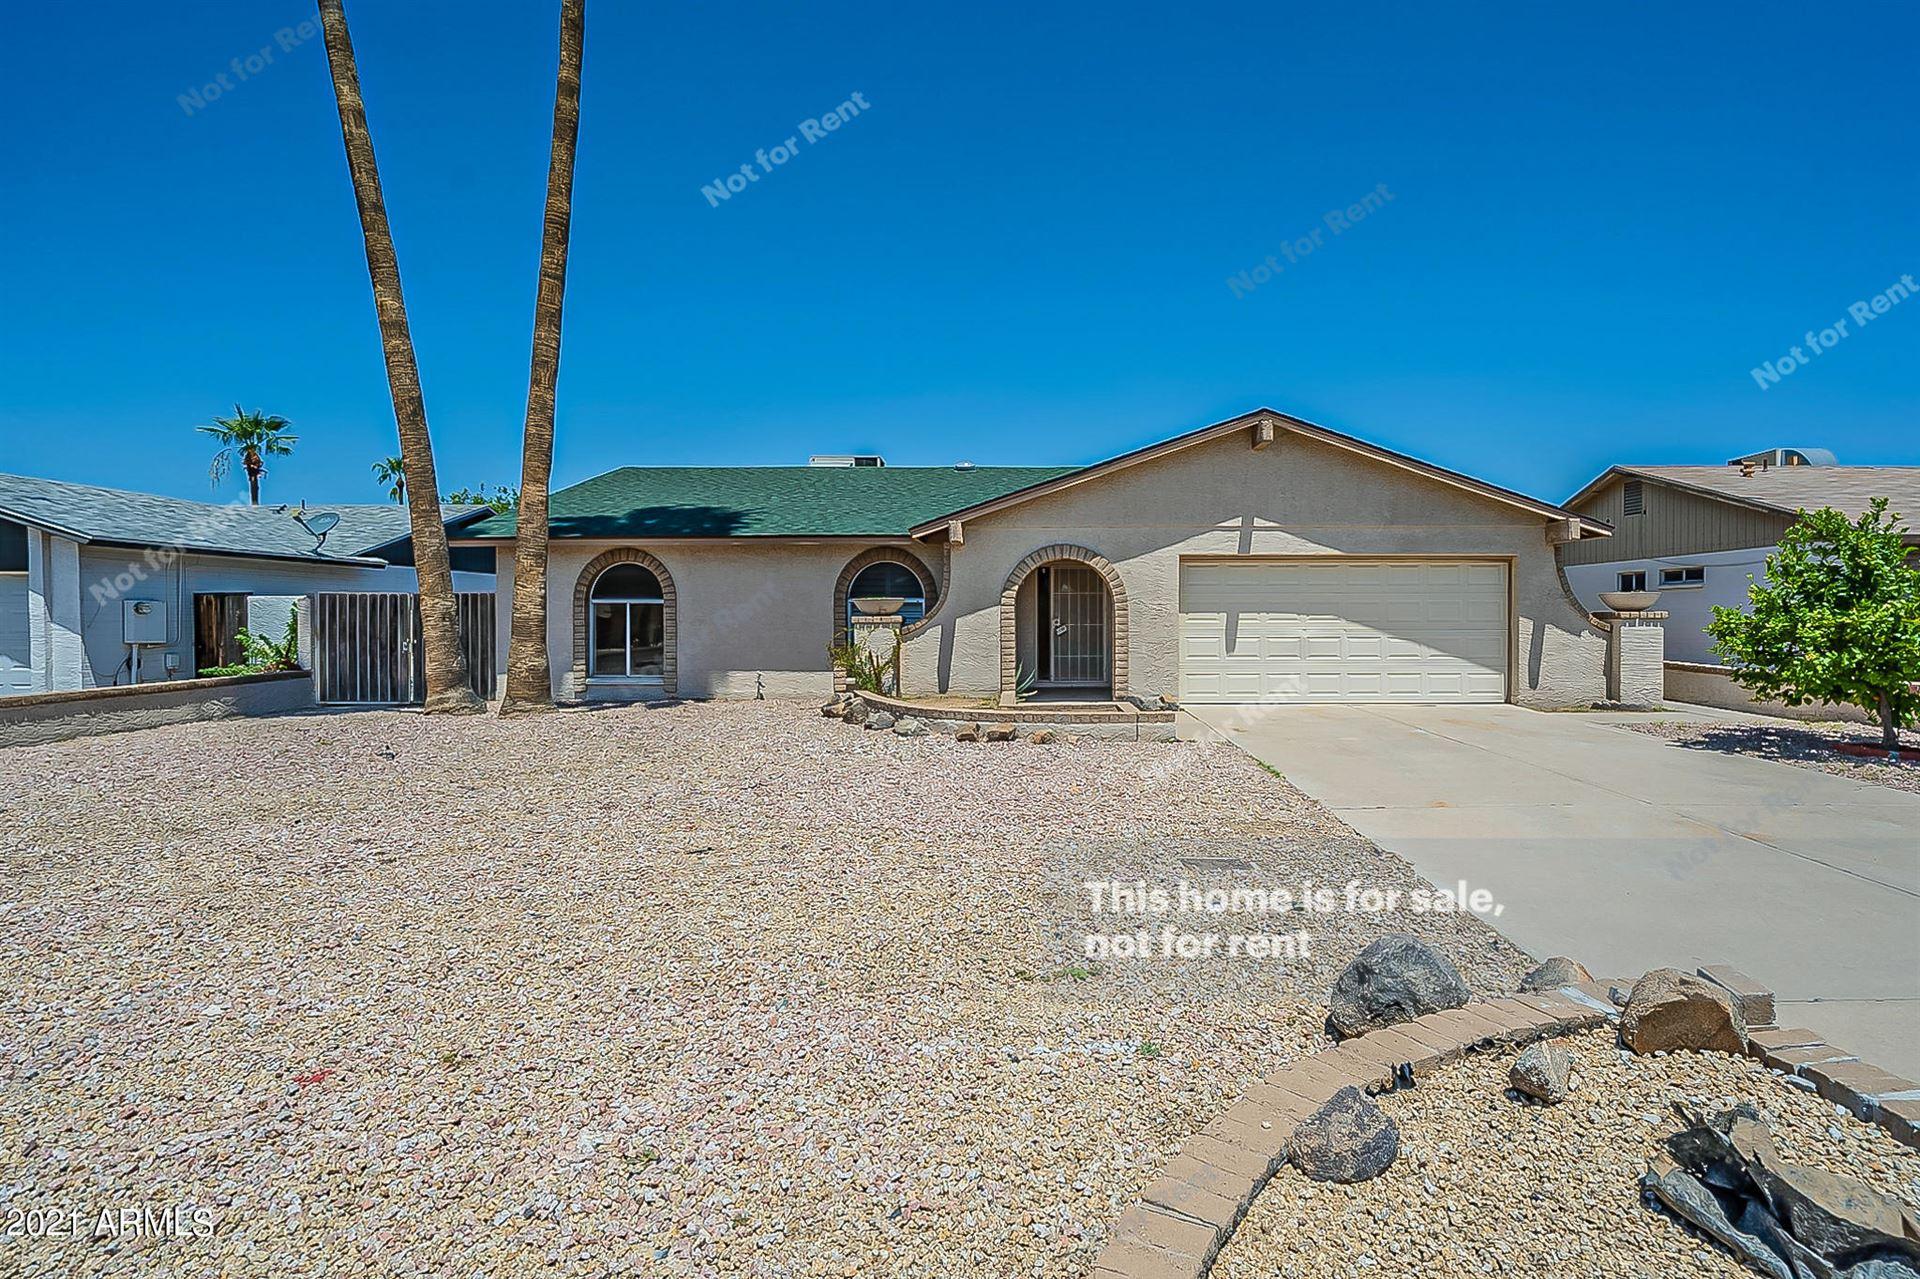 3776 W SWEETWATER Avenue, Phoenix, AZ 85029 - MLS#: 6274068